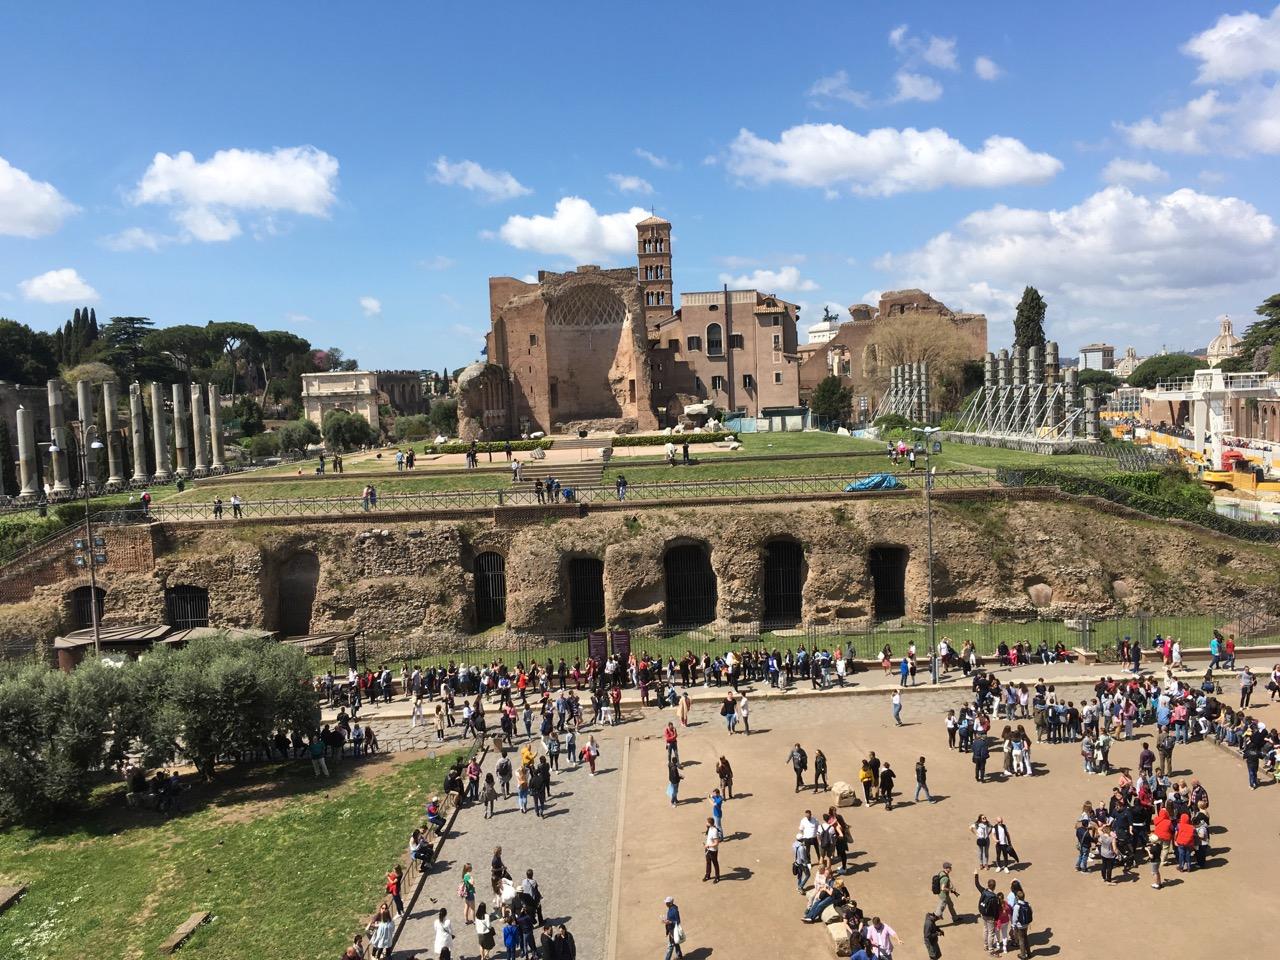 站在斗兽场看古罗马遗址